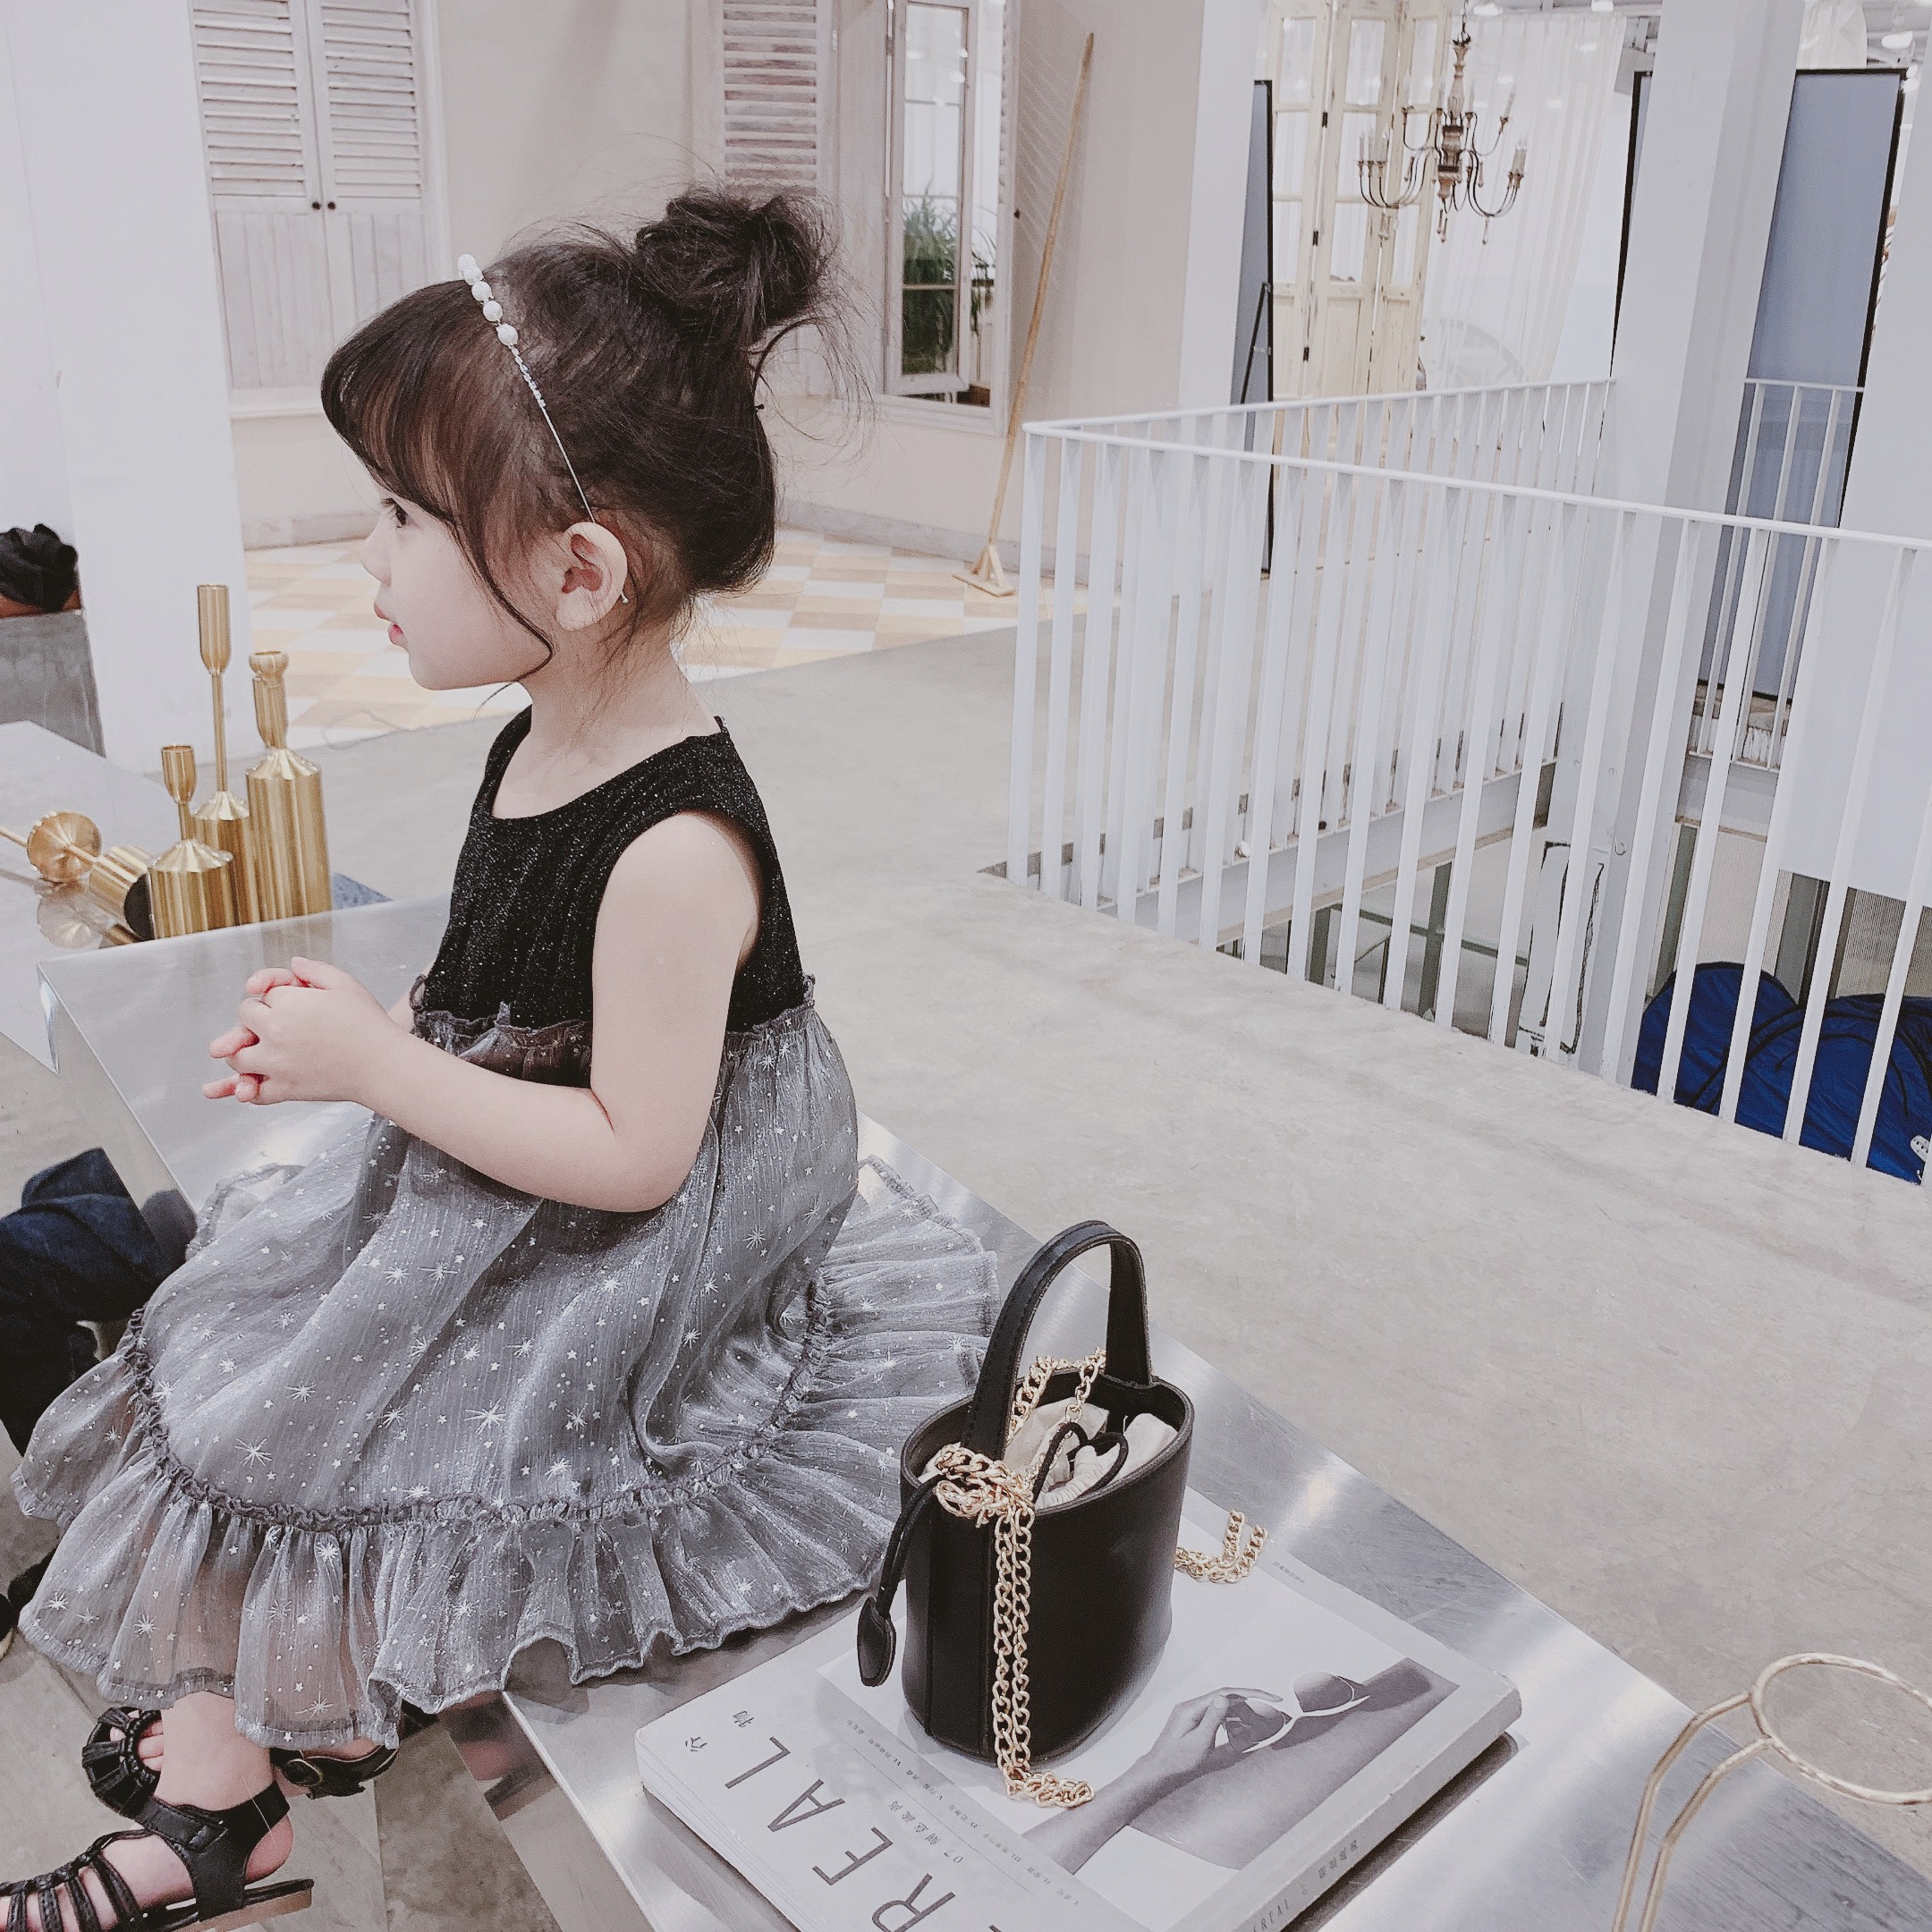 童装儿童夏装2019新款纱裙女童薄款夏季连衣裙宝宝短袖公主裙洋气券后35.00元